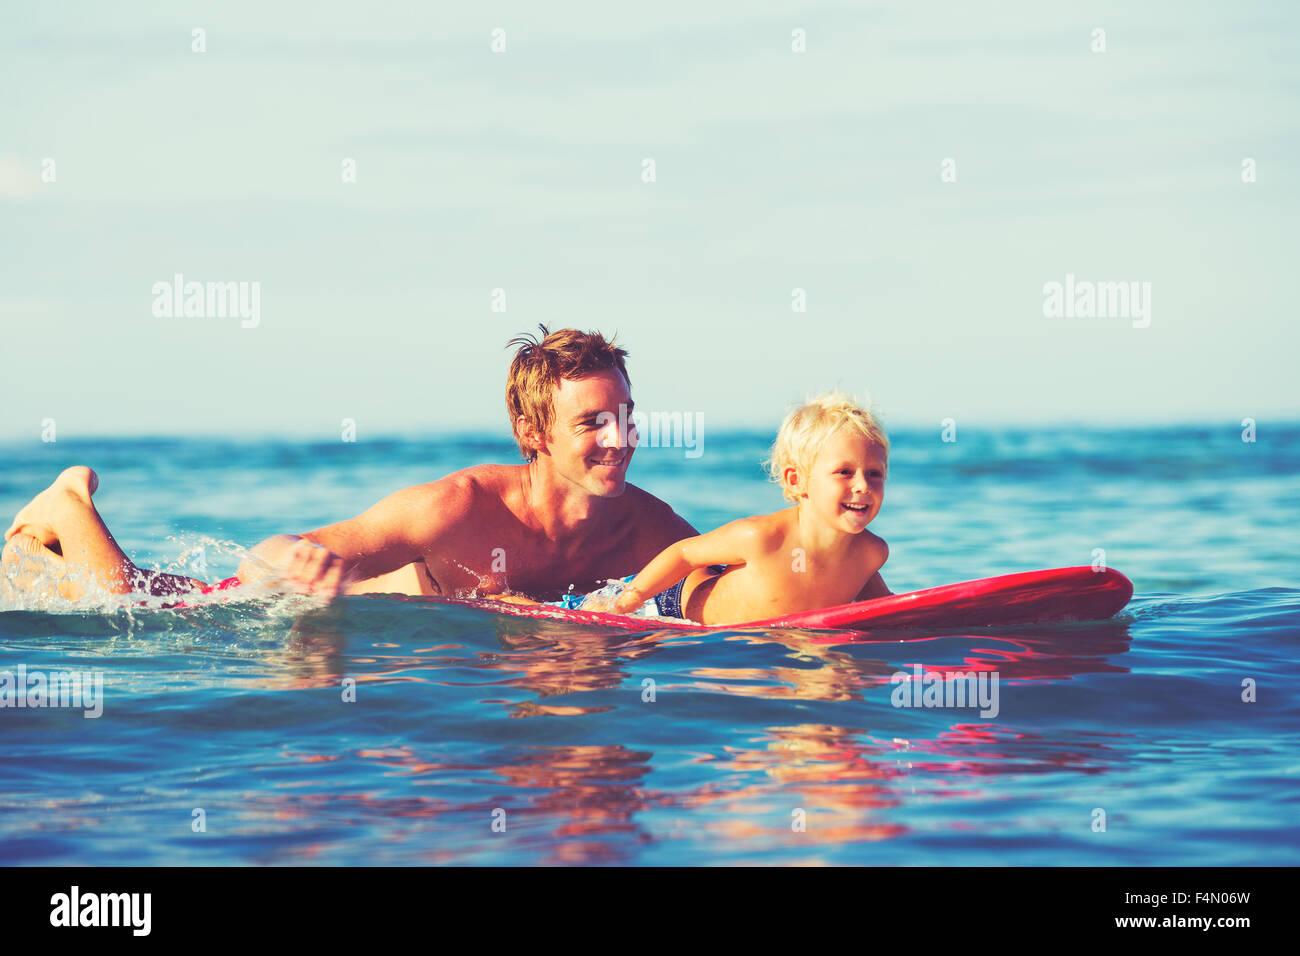 Padre e hijo ir a surfear juntos. Verano divertido estilo de vida al aire libre Imagen De Stock